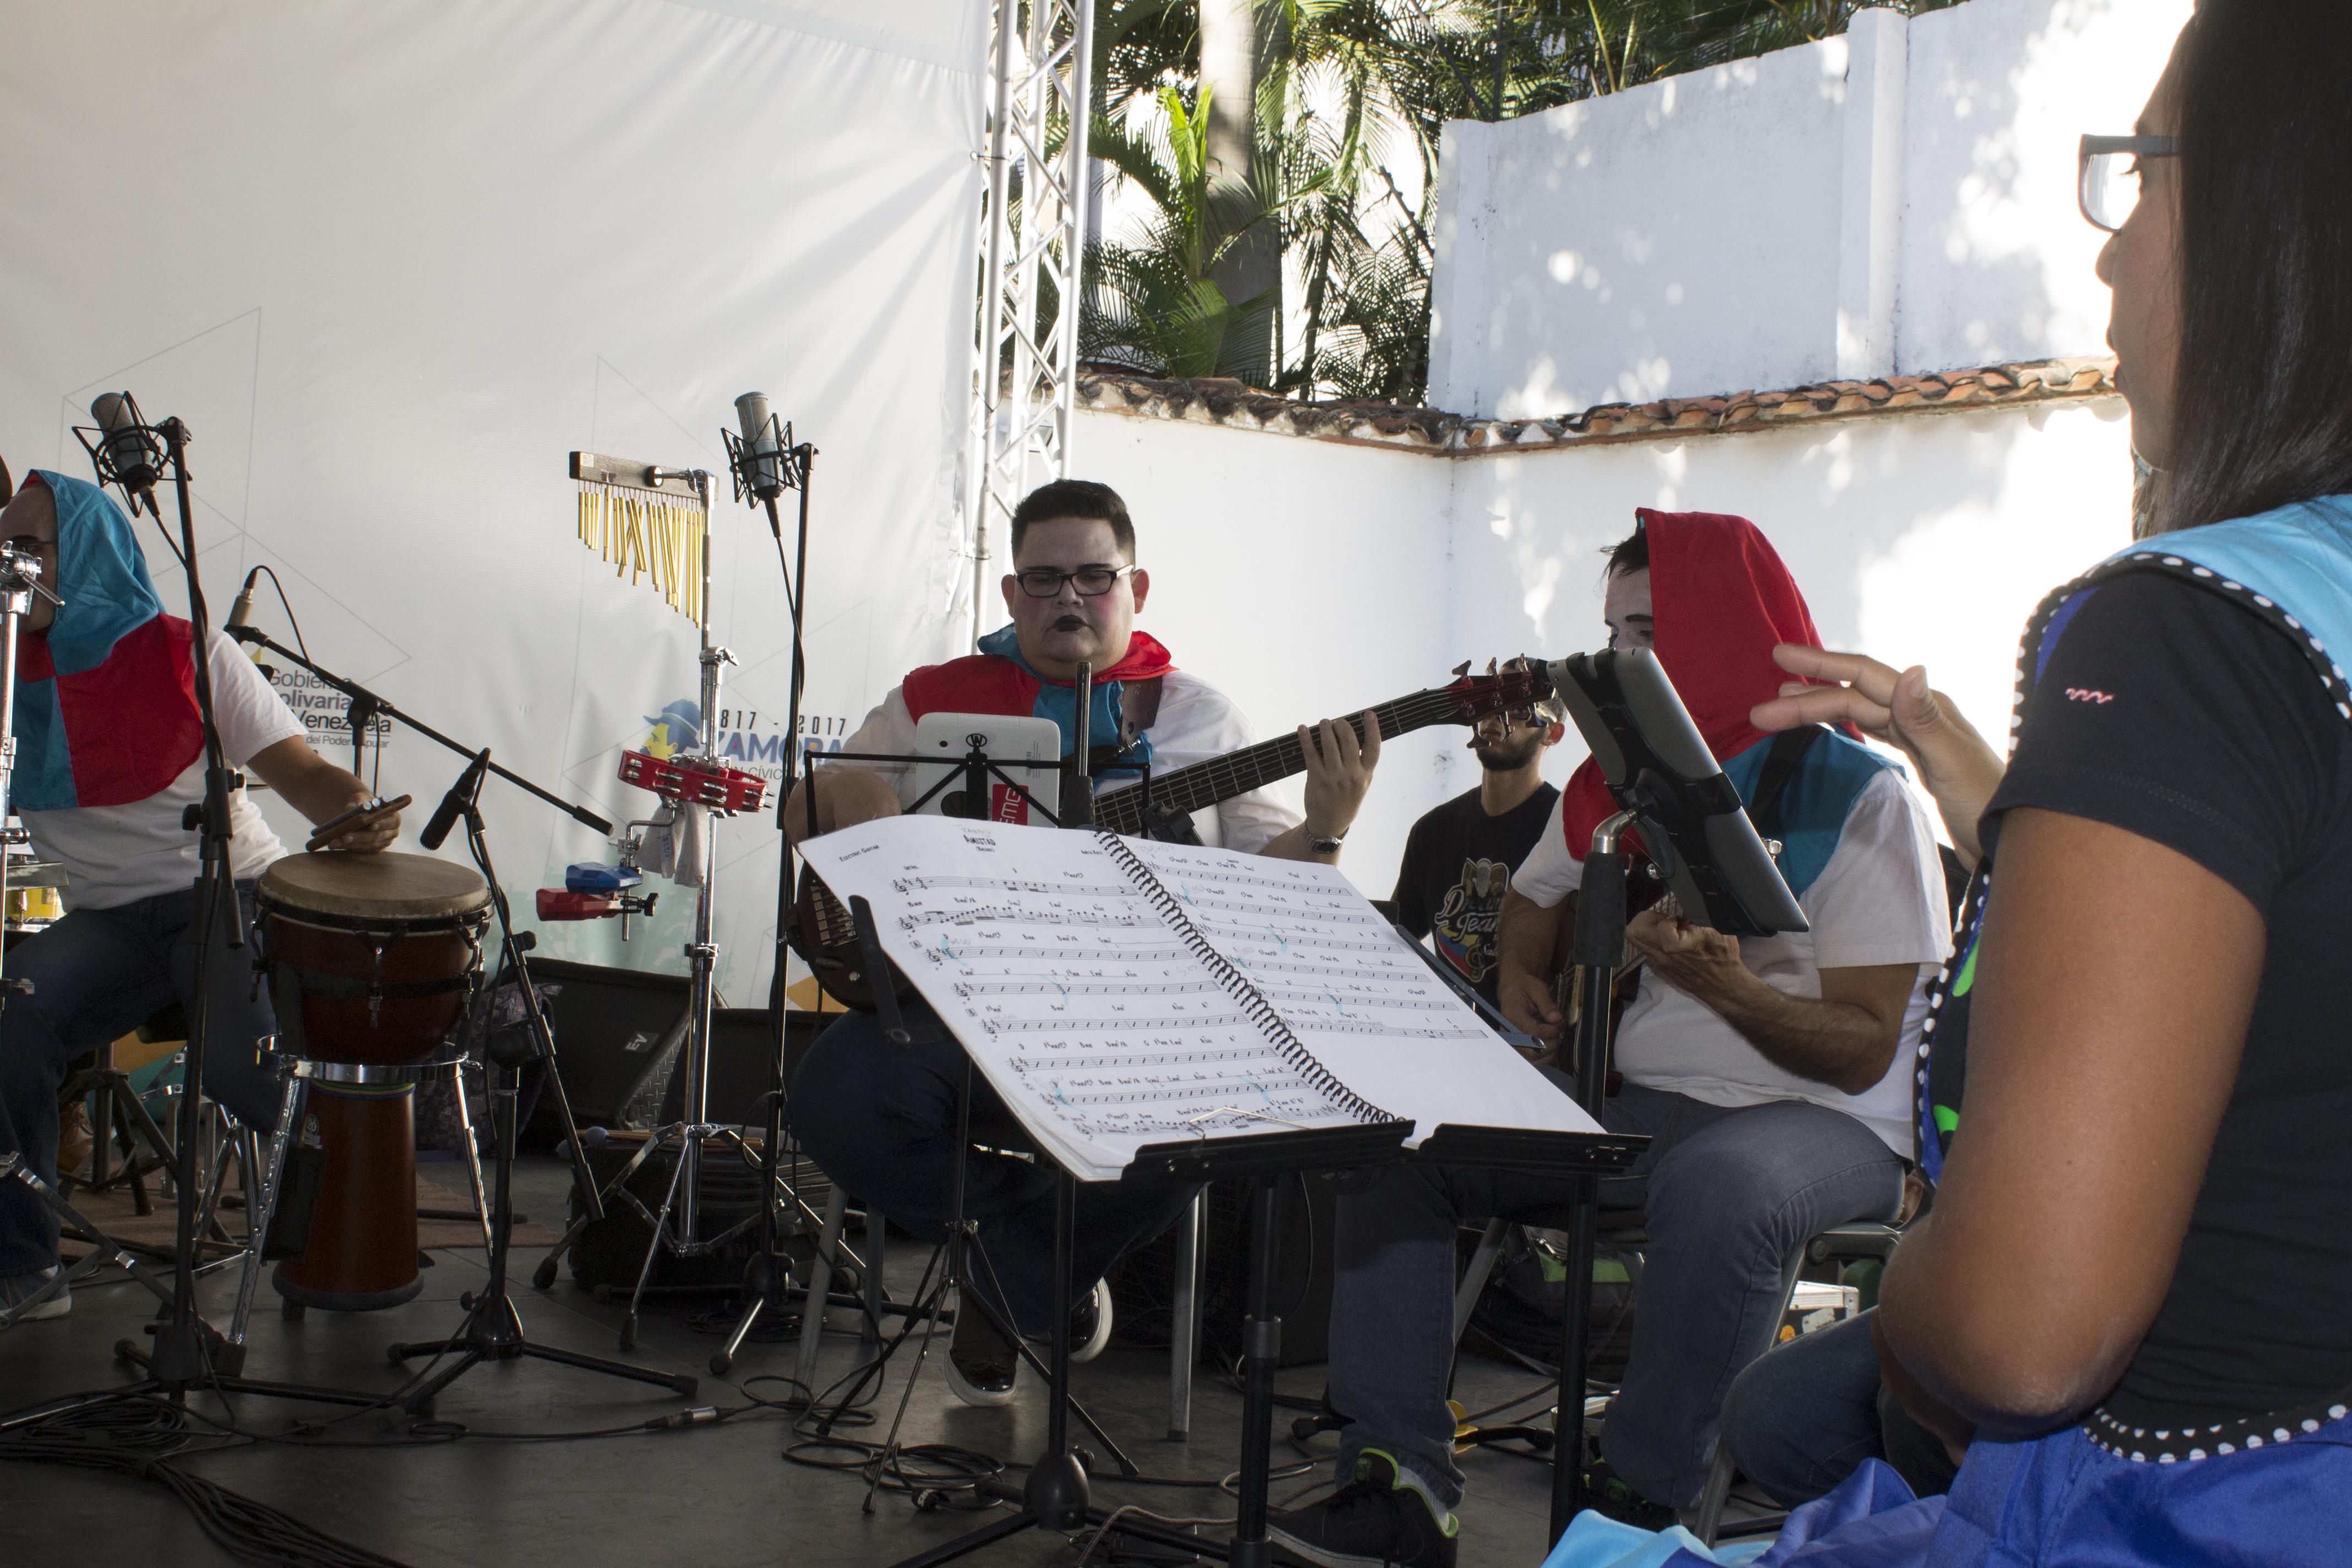 La calidad de ejecución de los músicos aumentó el brillo del evento